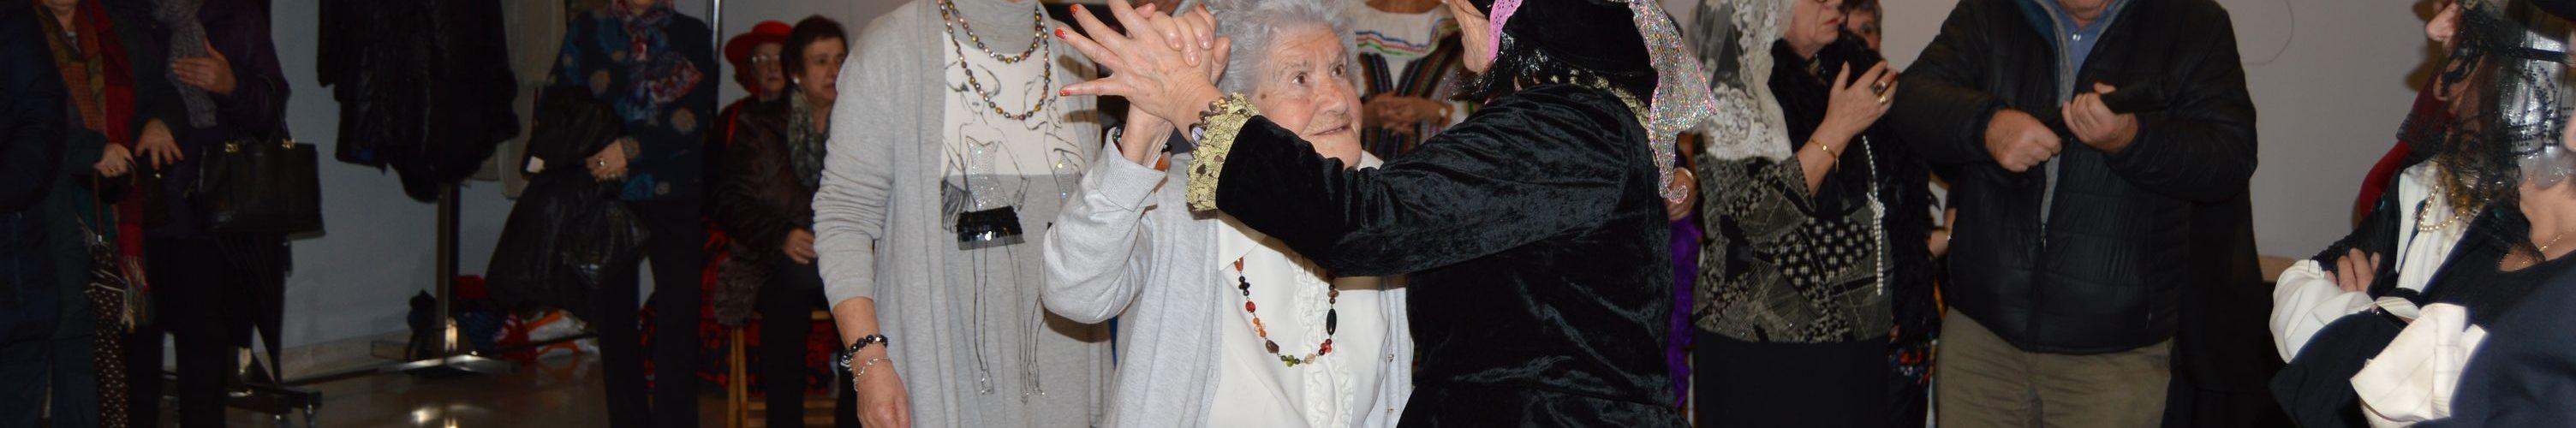 Isabel bailando